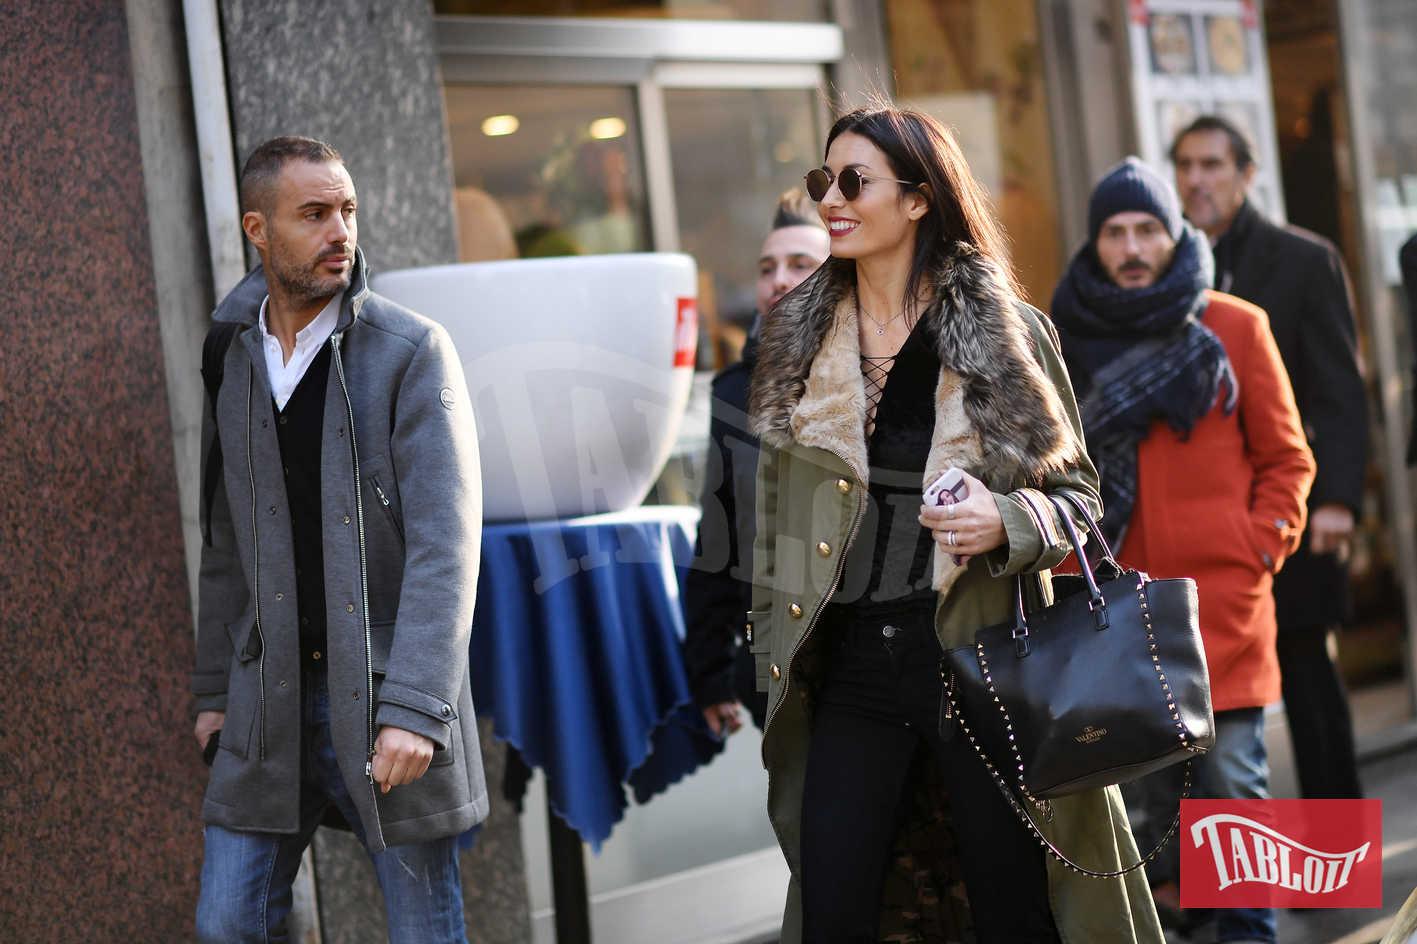 Elisabetta Gregoraci e Daniele Battaglia per le strade di Milano. La conduttrice è felice e sorridente: merito anche della simpatia dei suoi colleghi